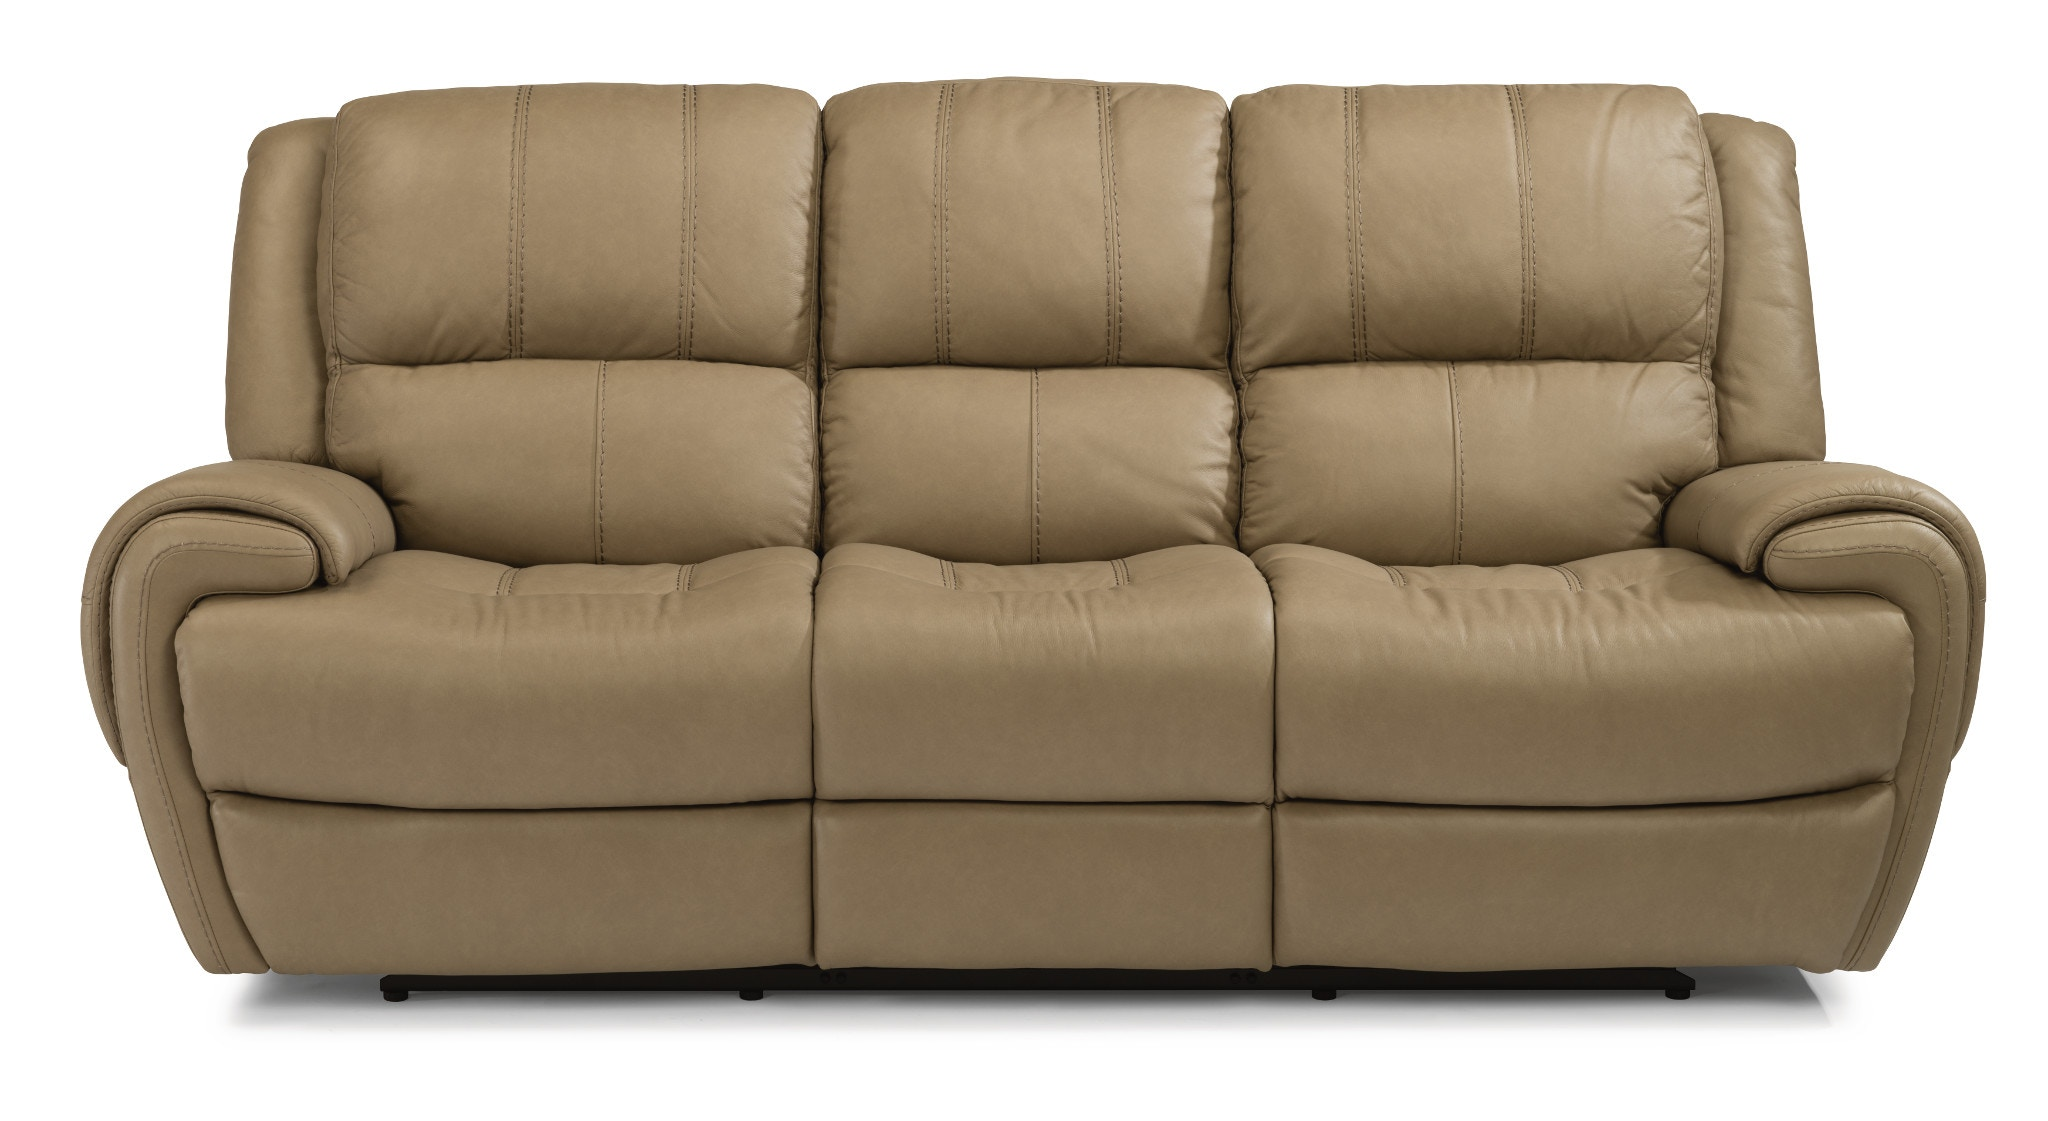 Beau Design Source Furniture